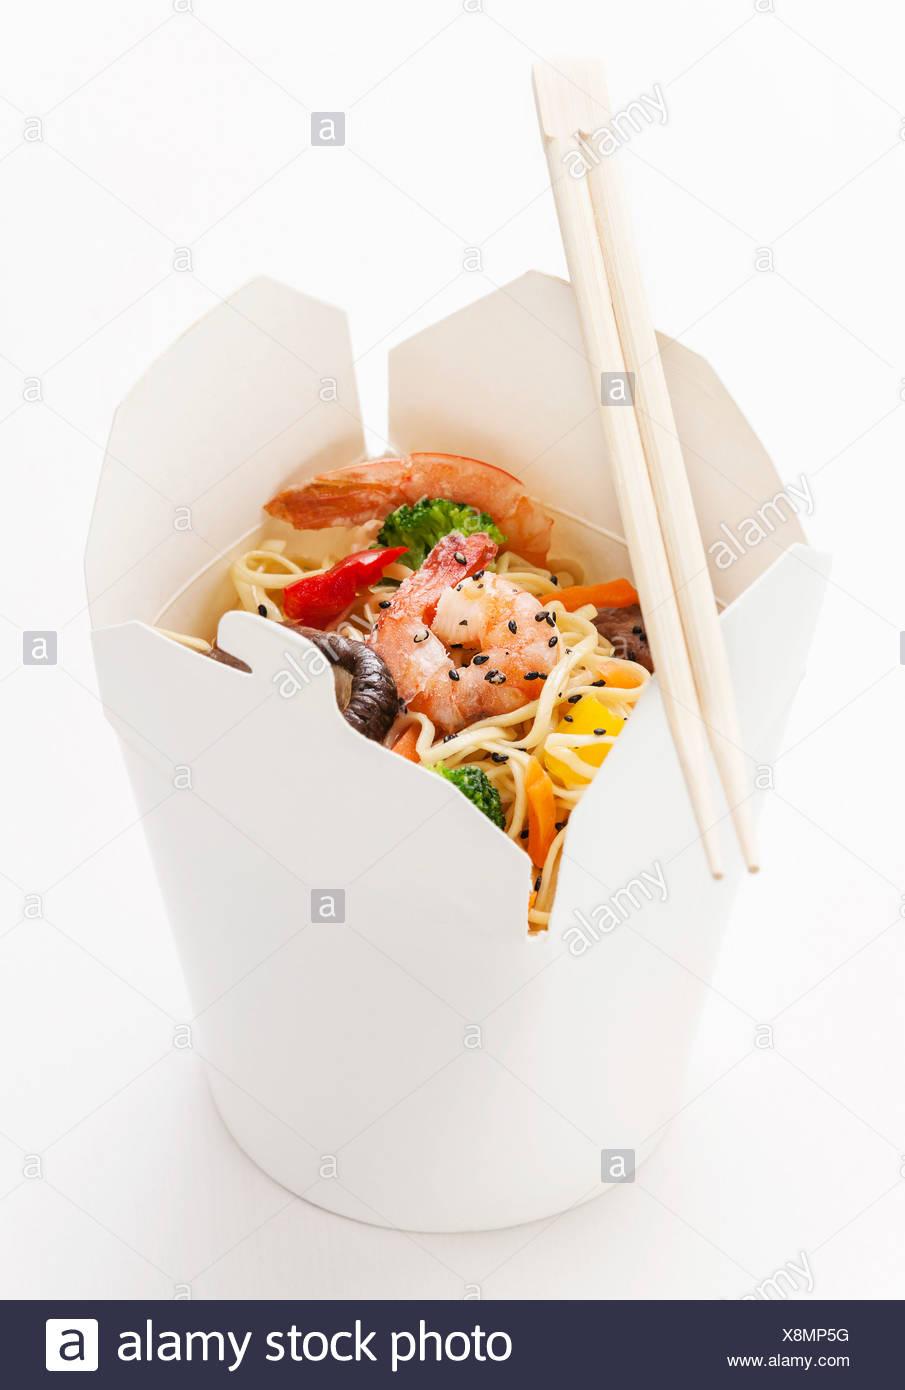 Tenere lontano i noodle all'uovo con funghi shiitake, gamberi e carne di maiale Immagini Stock